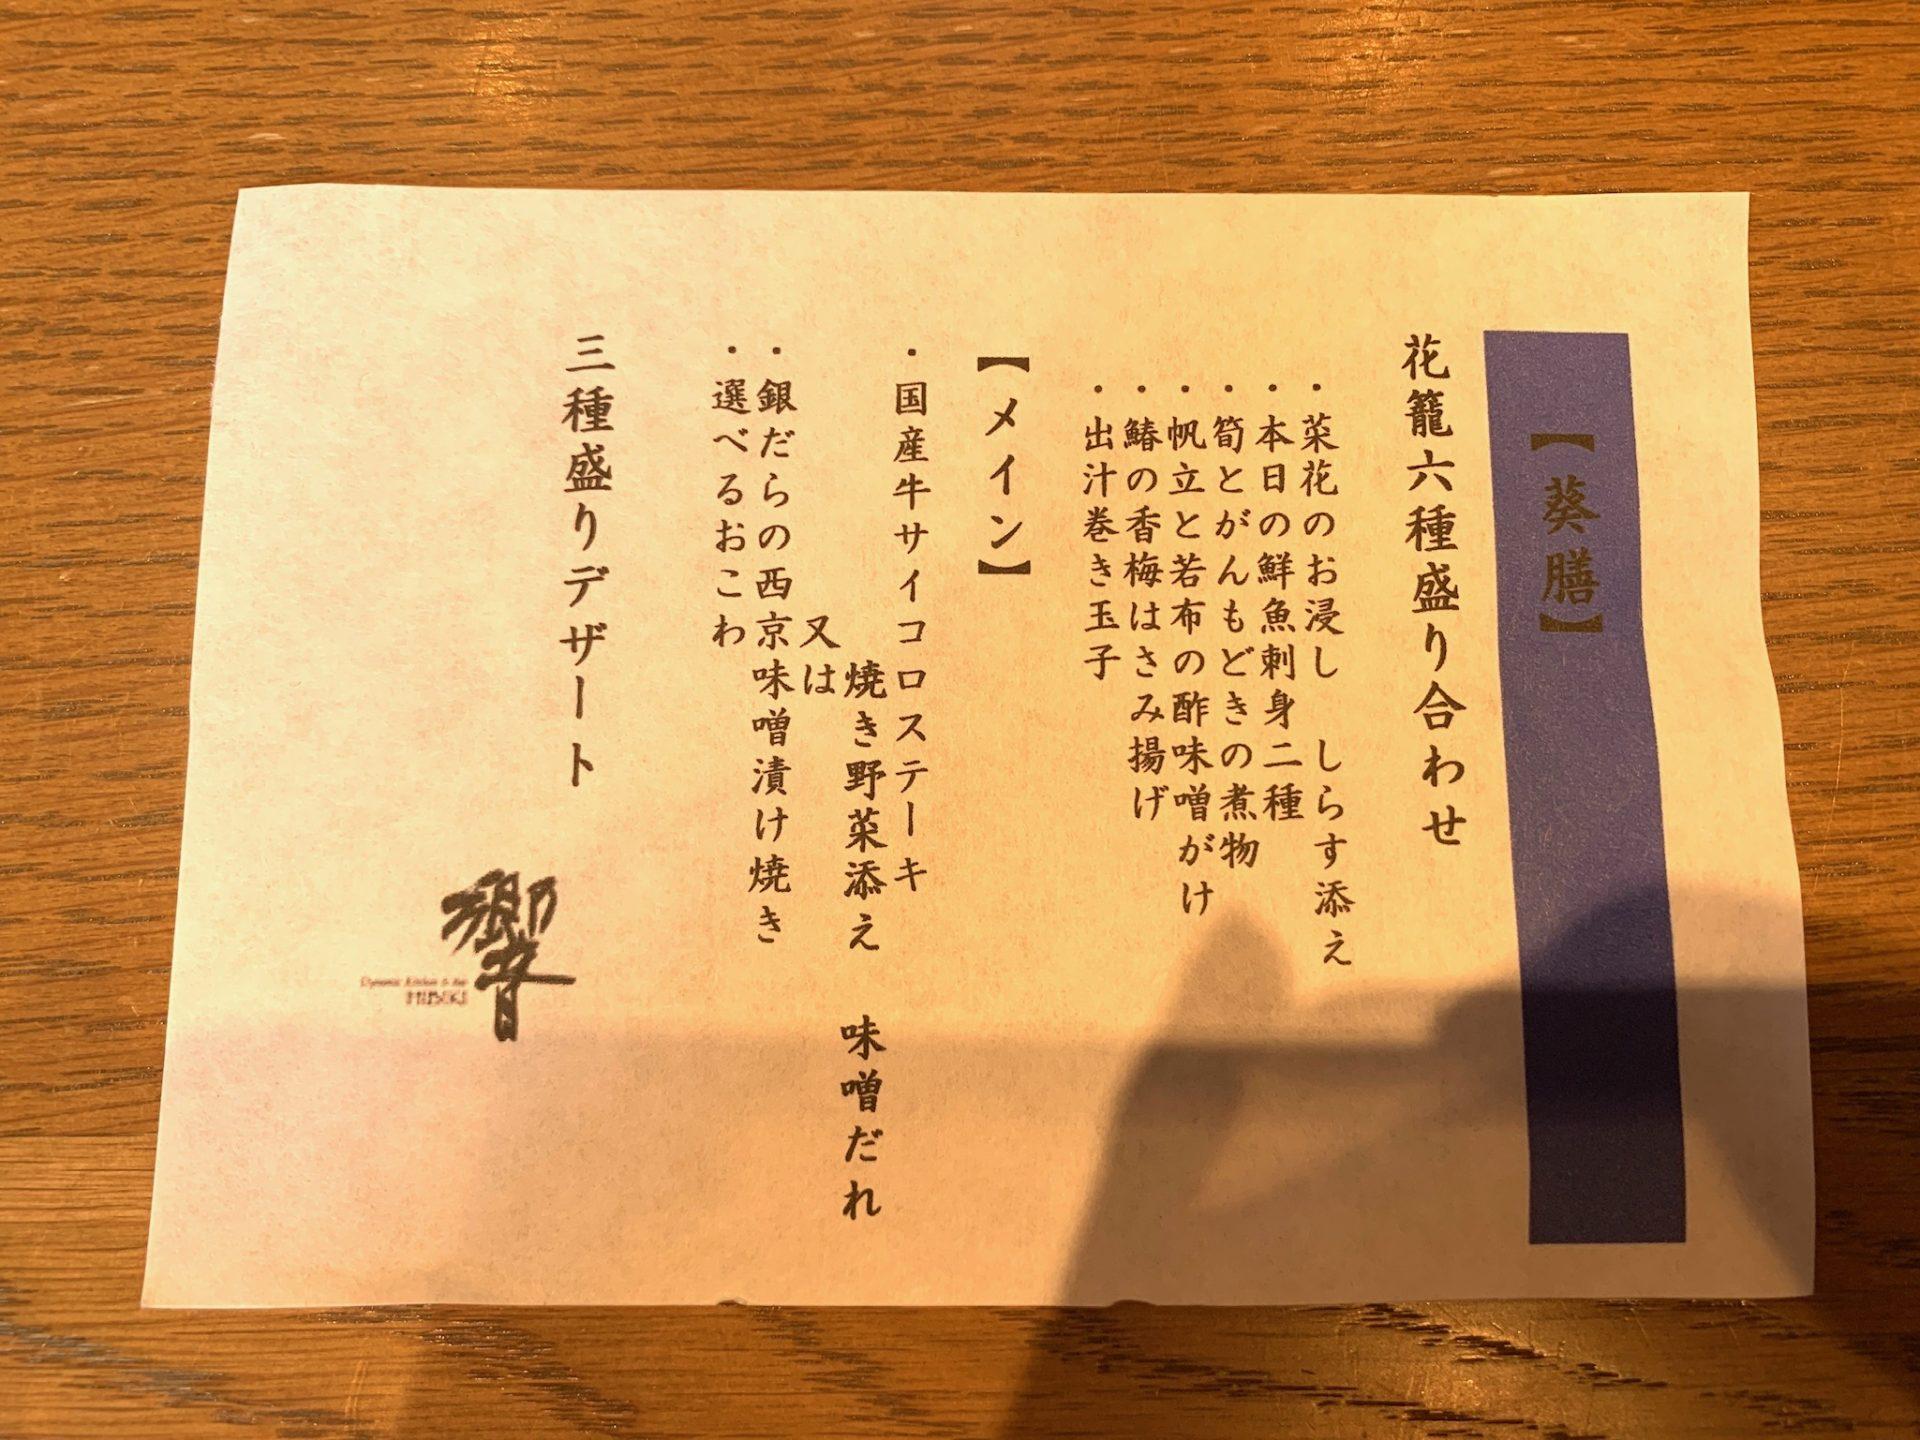 響 横浜スカイビル店 メニュー